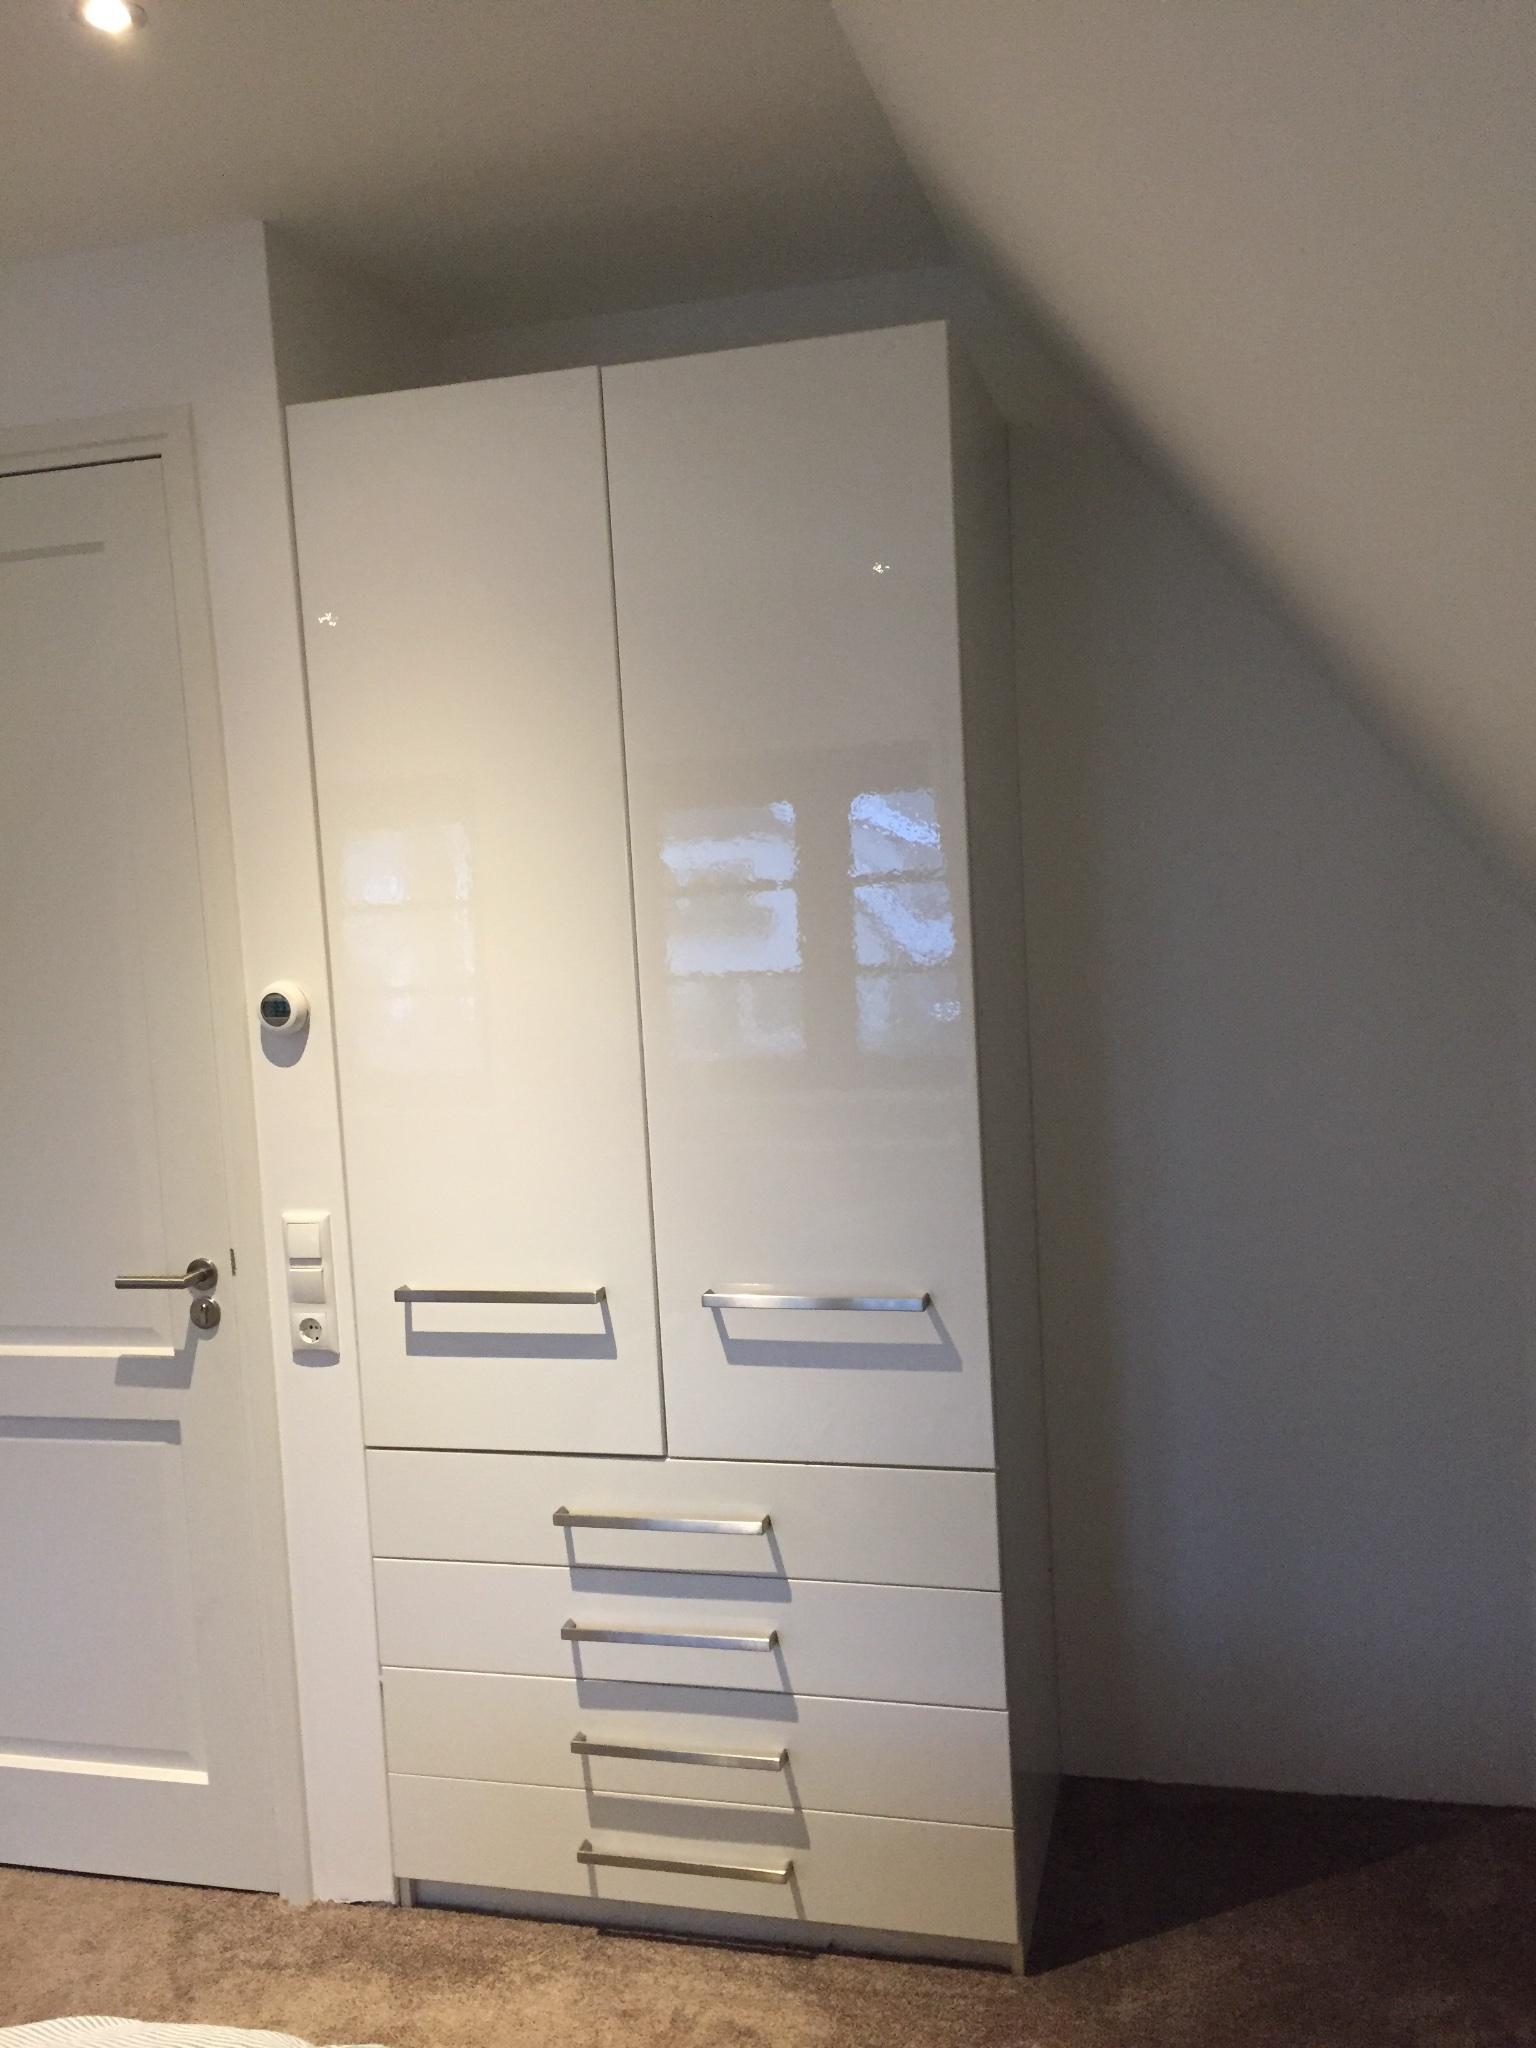 Ikea Pax Kast Maken Onder Schuin Plafond Werkspot